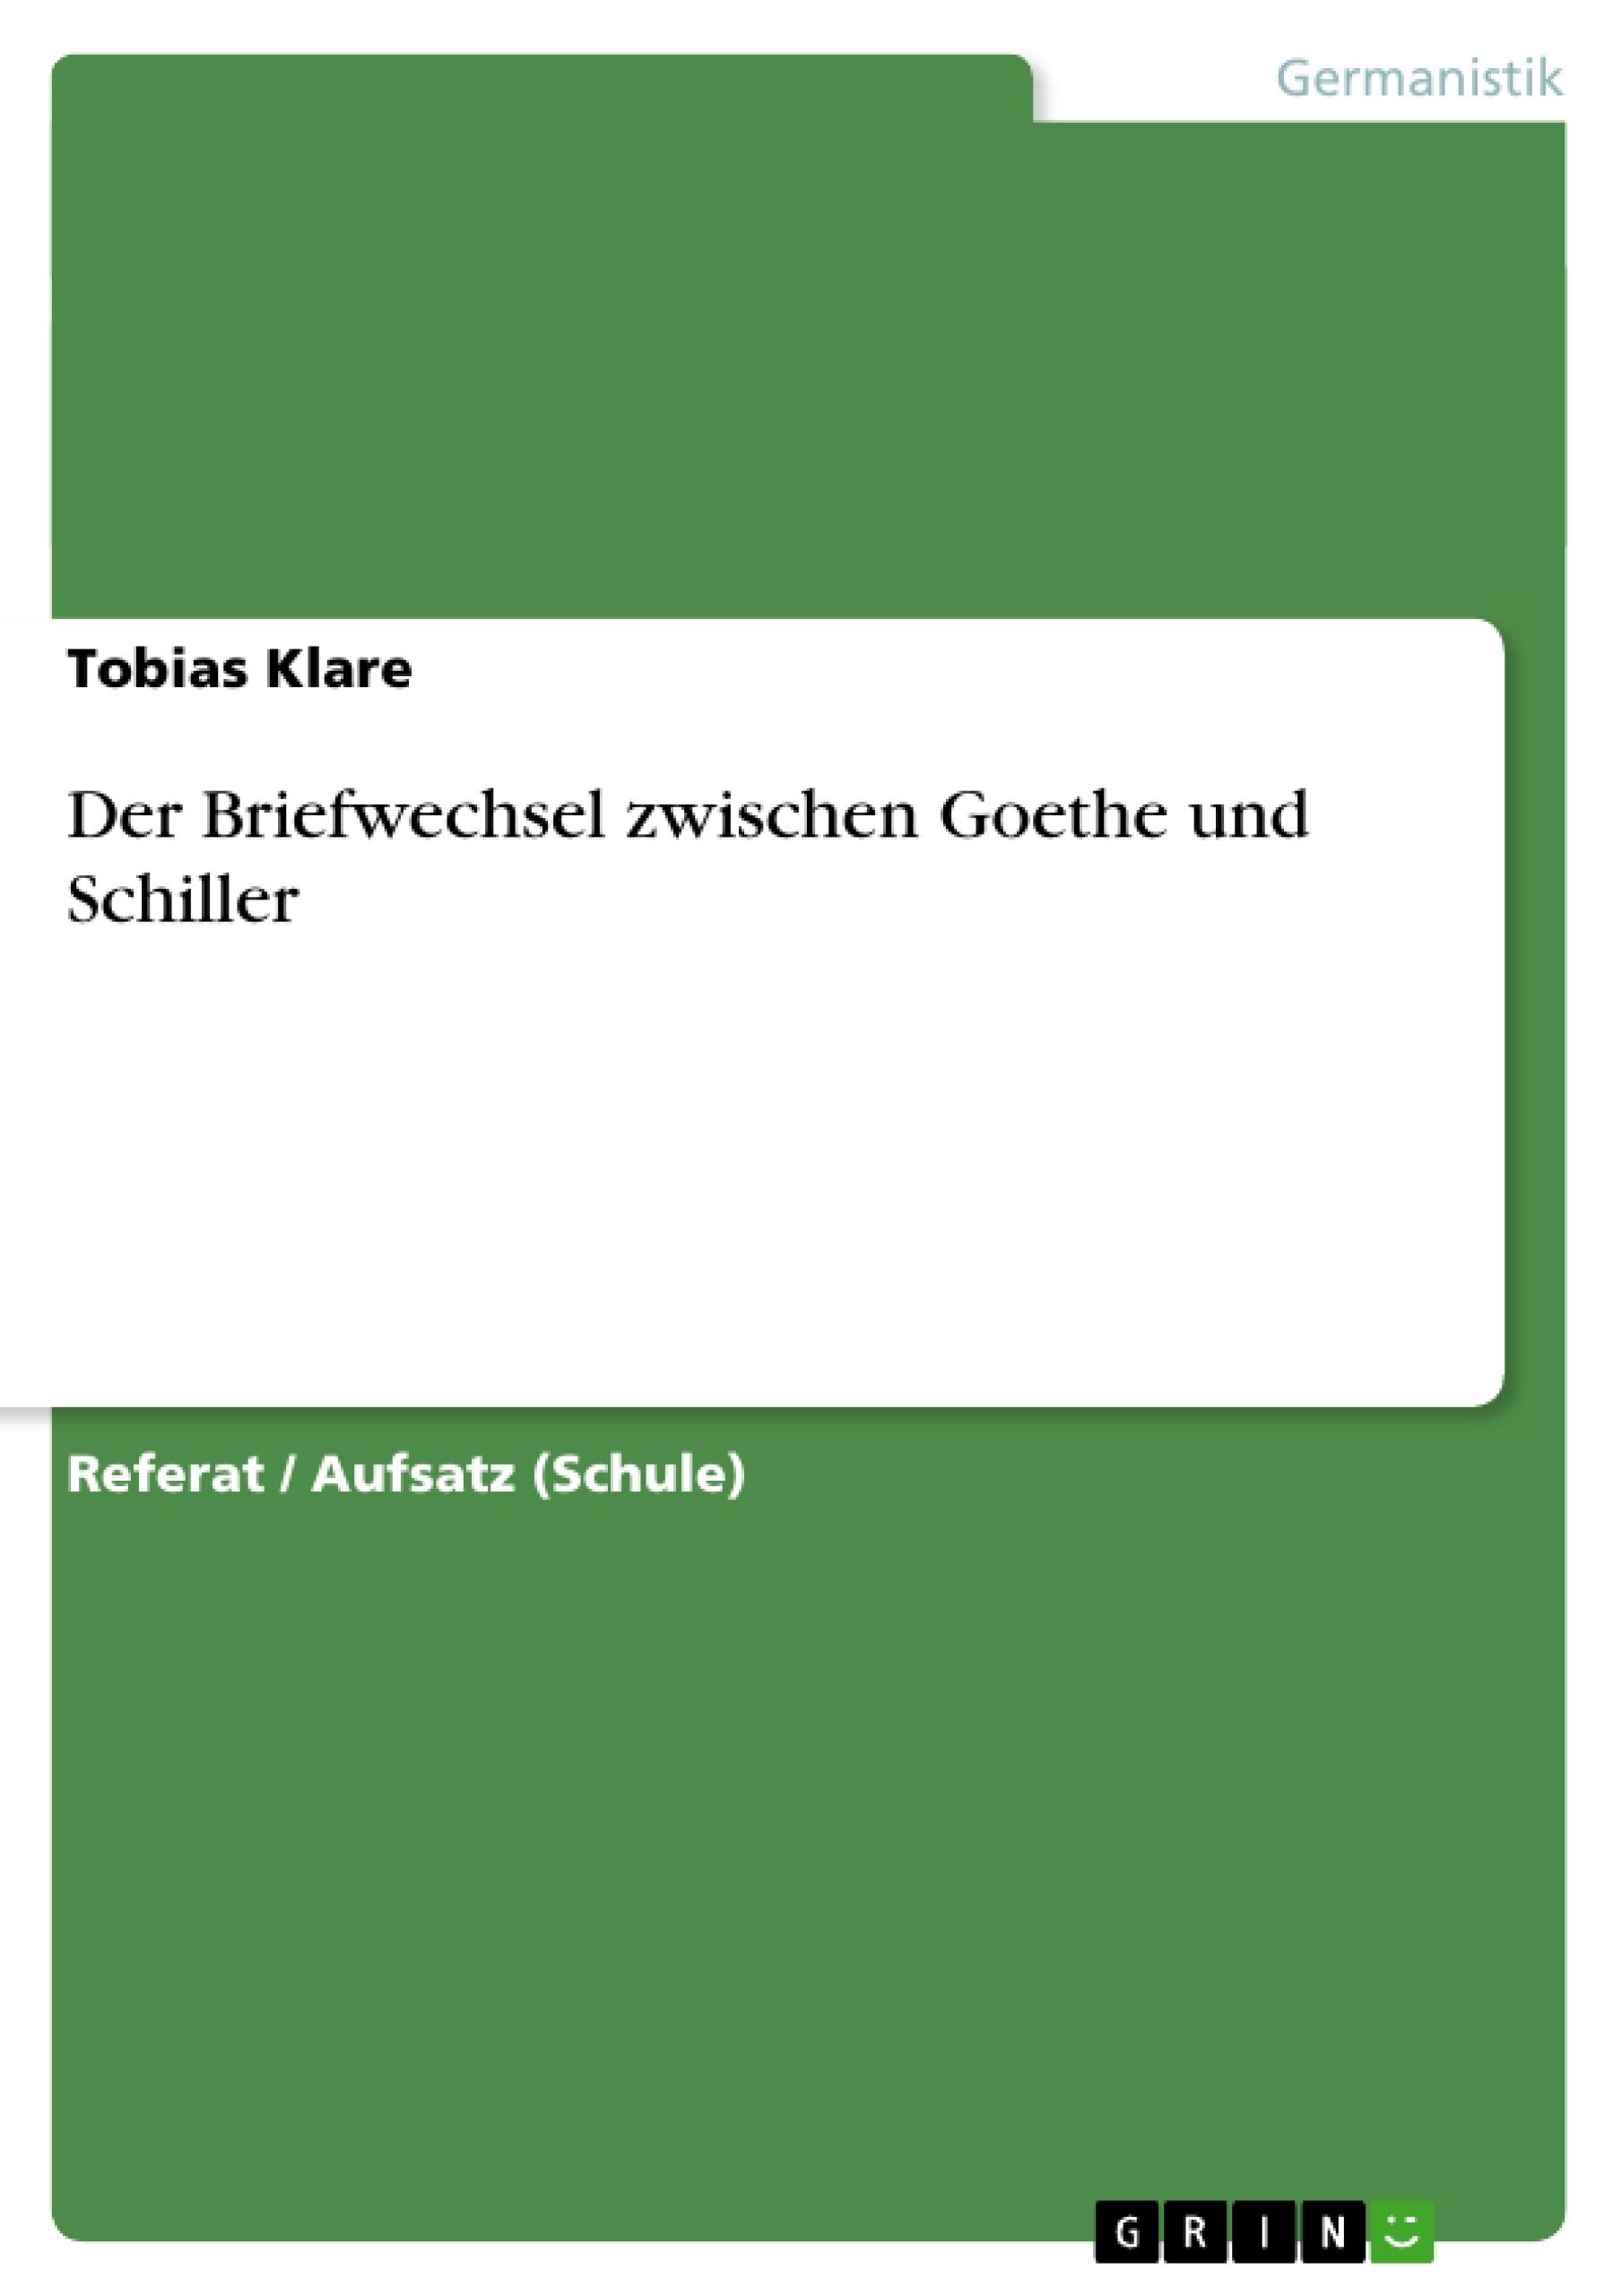 Titel: Der Briefwechsel zwischen Goethe und Schiller